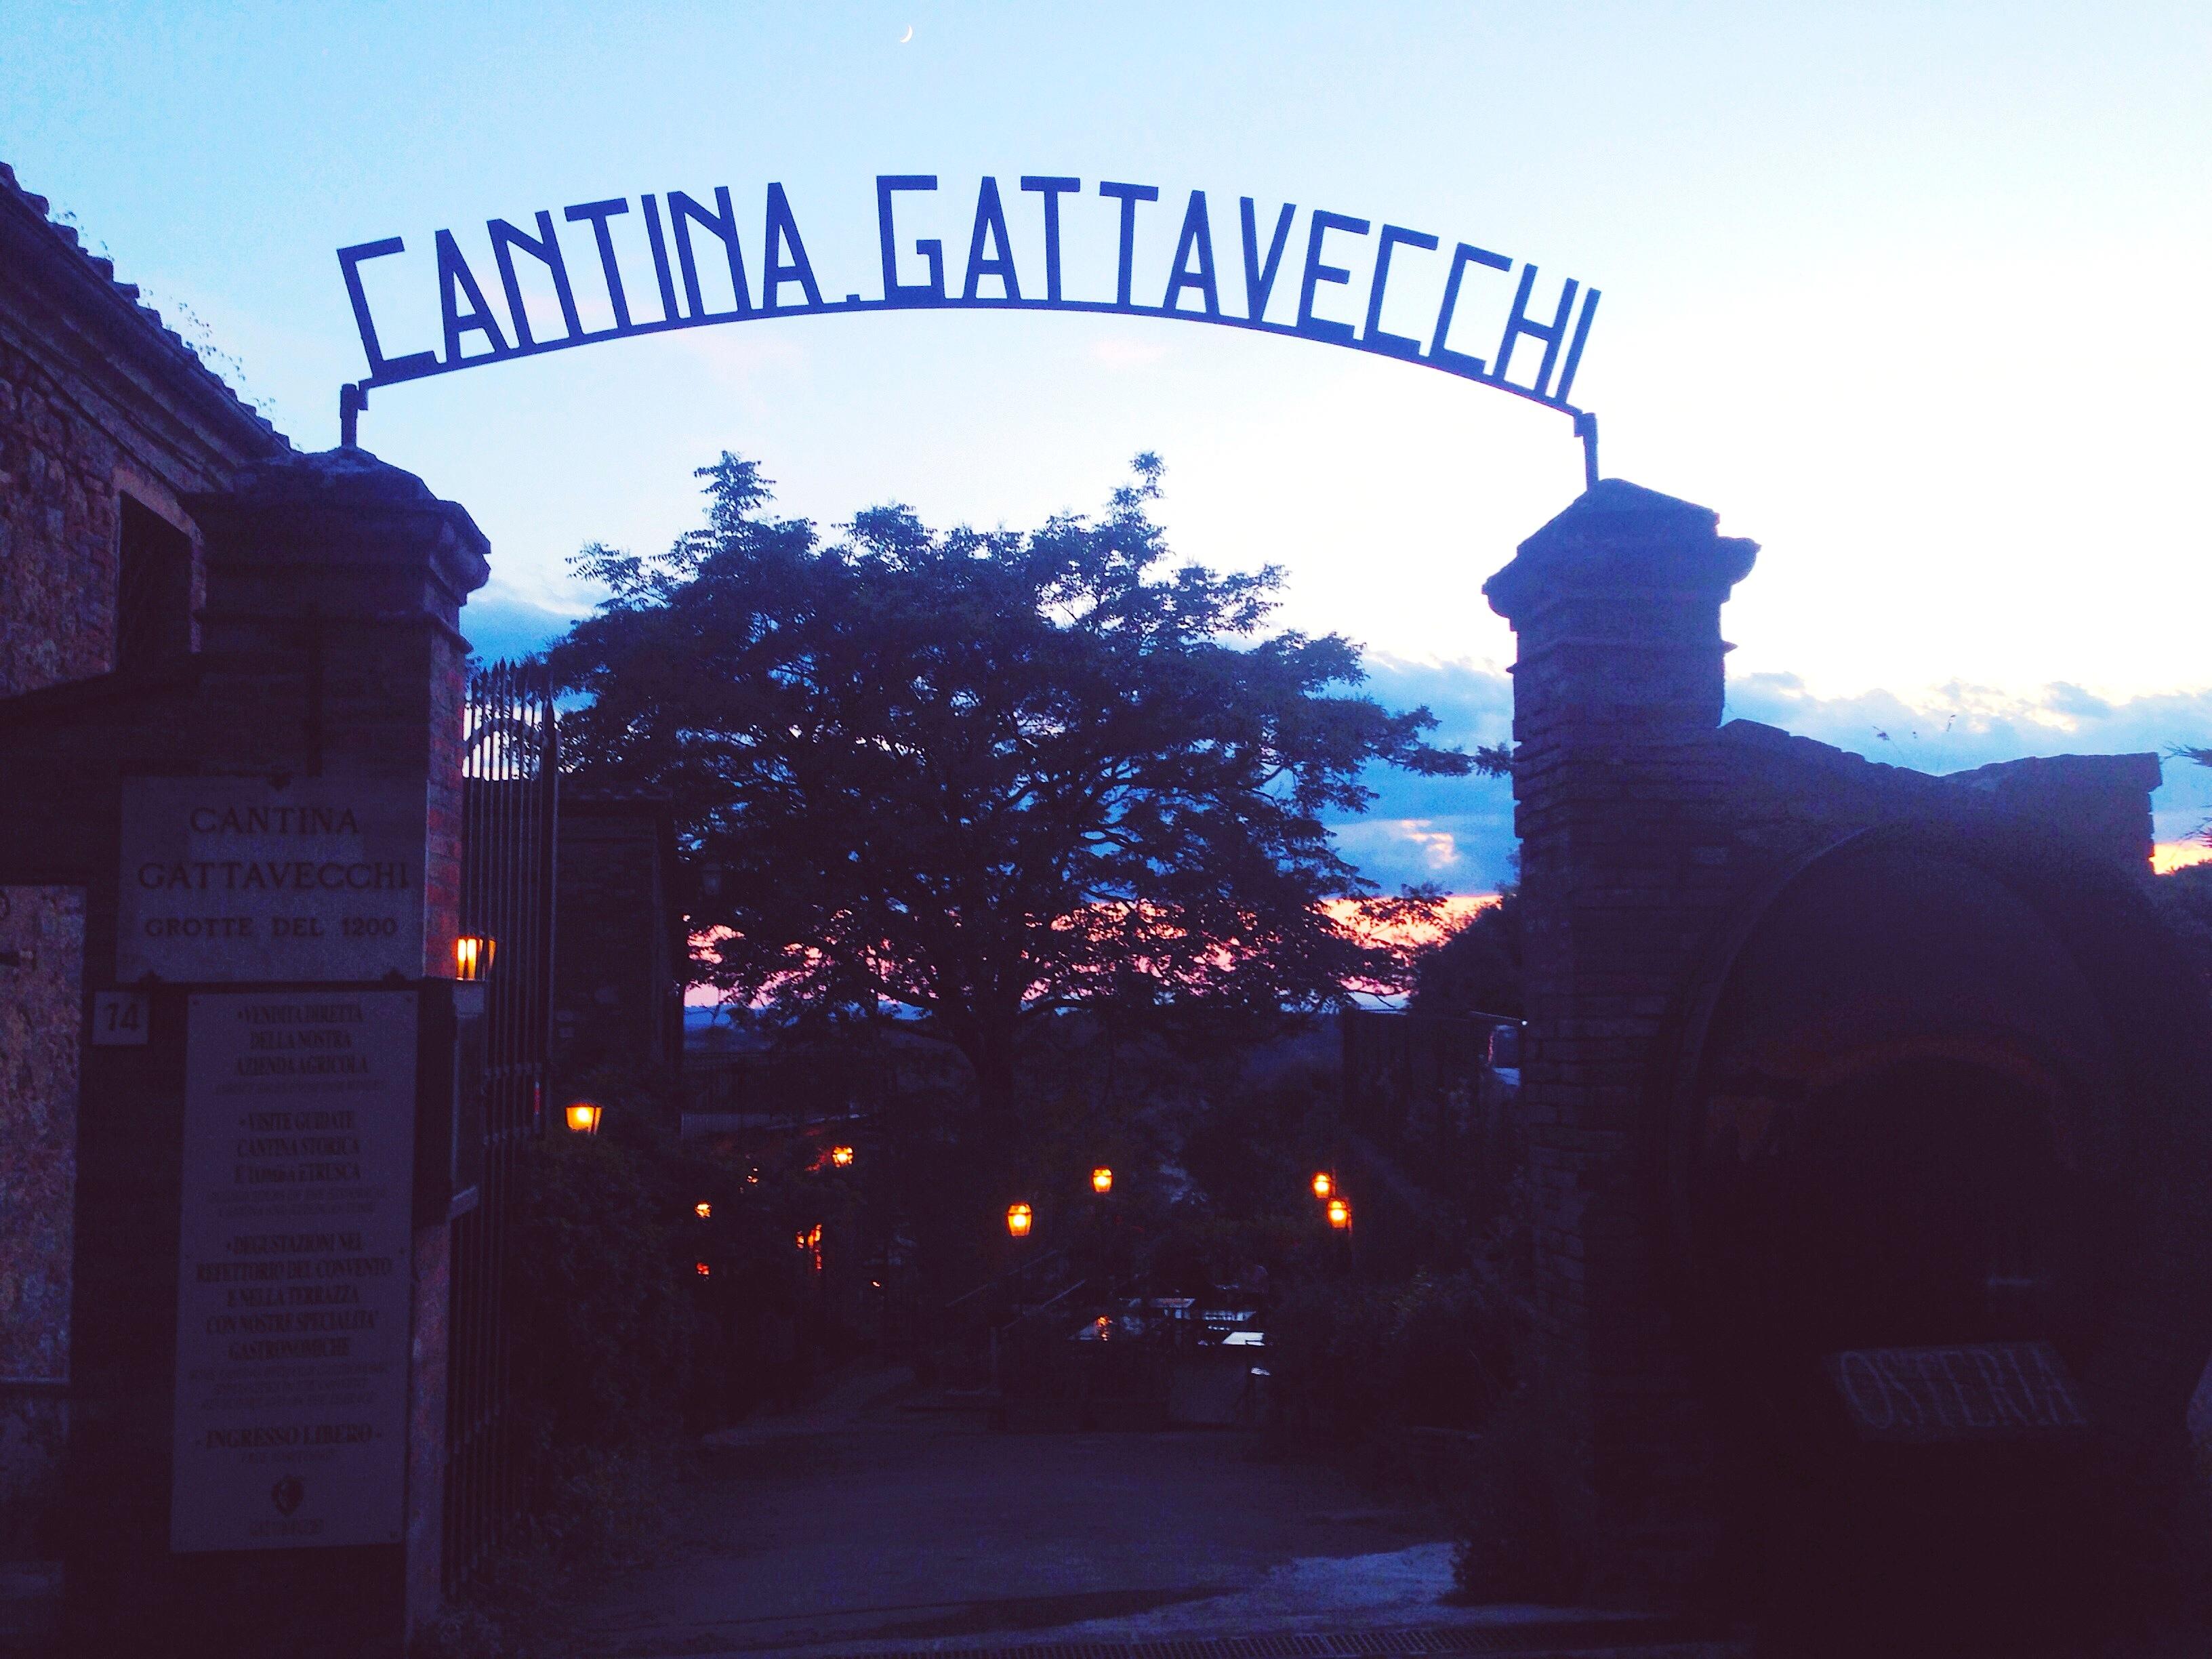 ristorante montepulciano - cantina gattavecchi